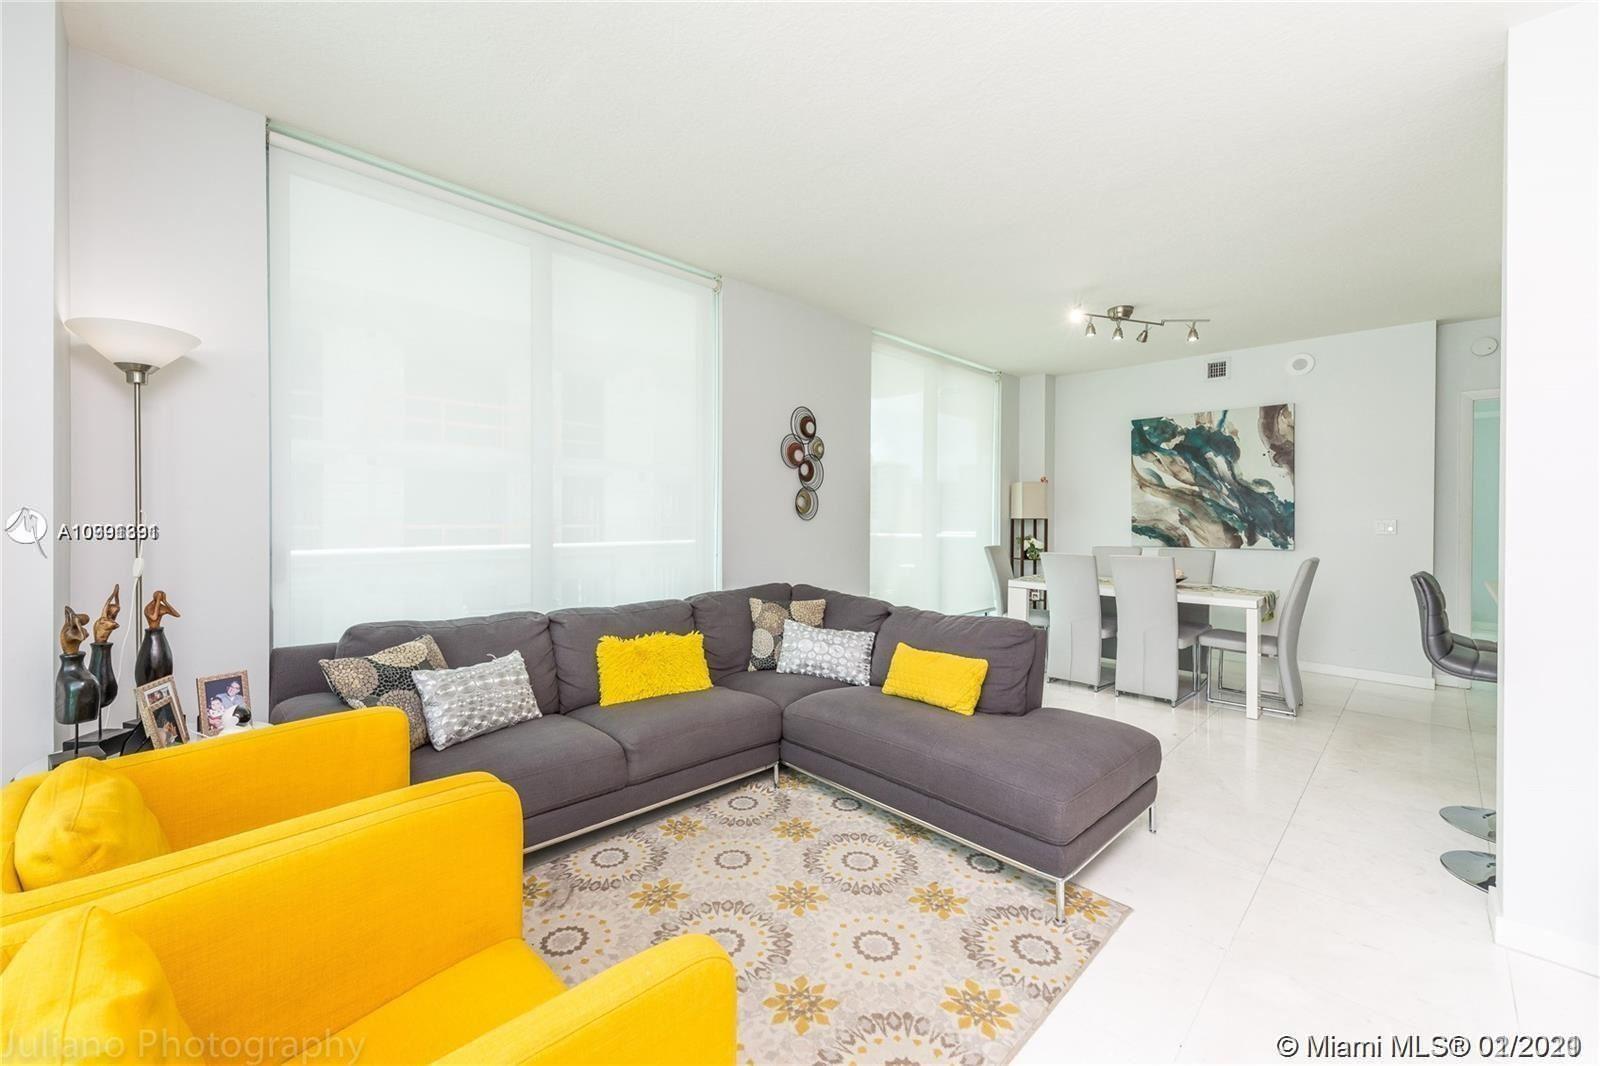 333 NE 24th St #609, Miami, FL 33137 - #: A10991391